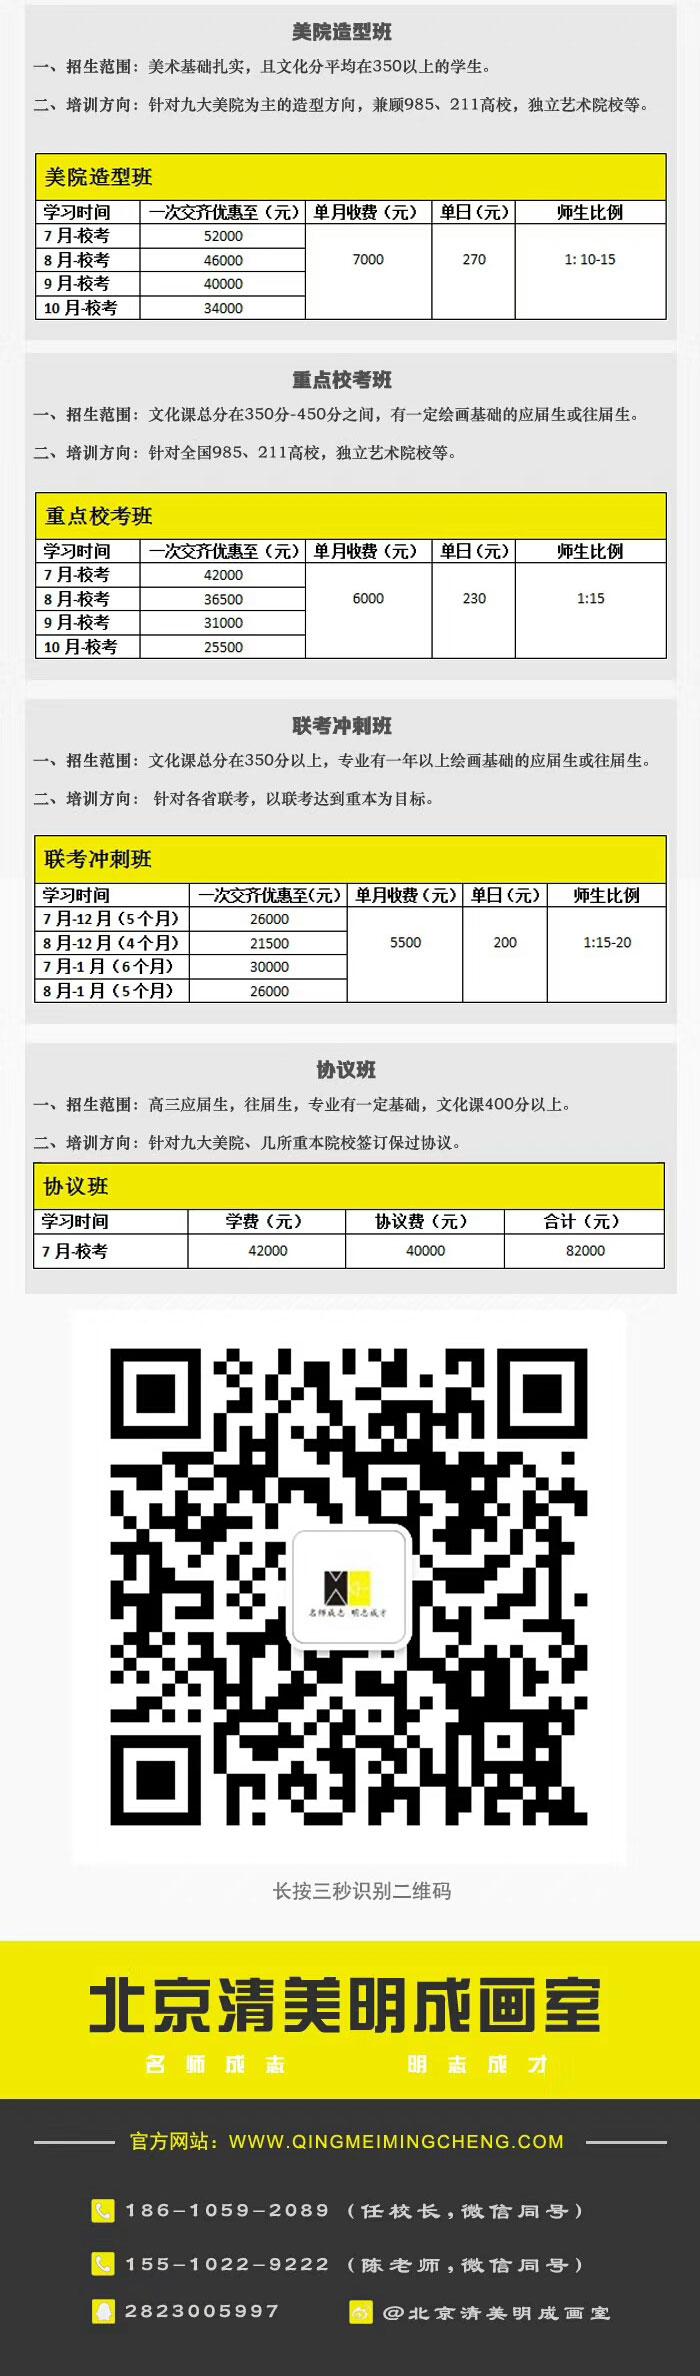 微信图片_20180515115226_02.jpg